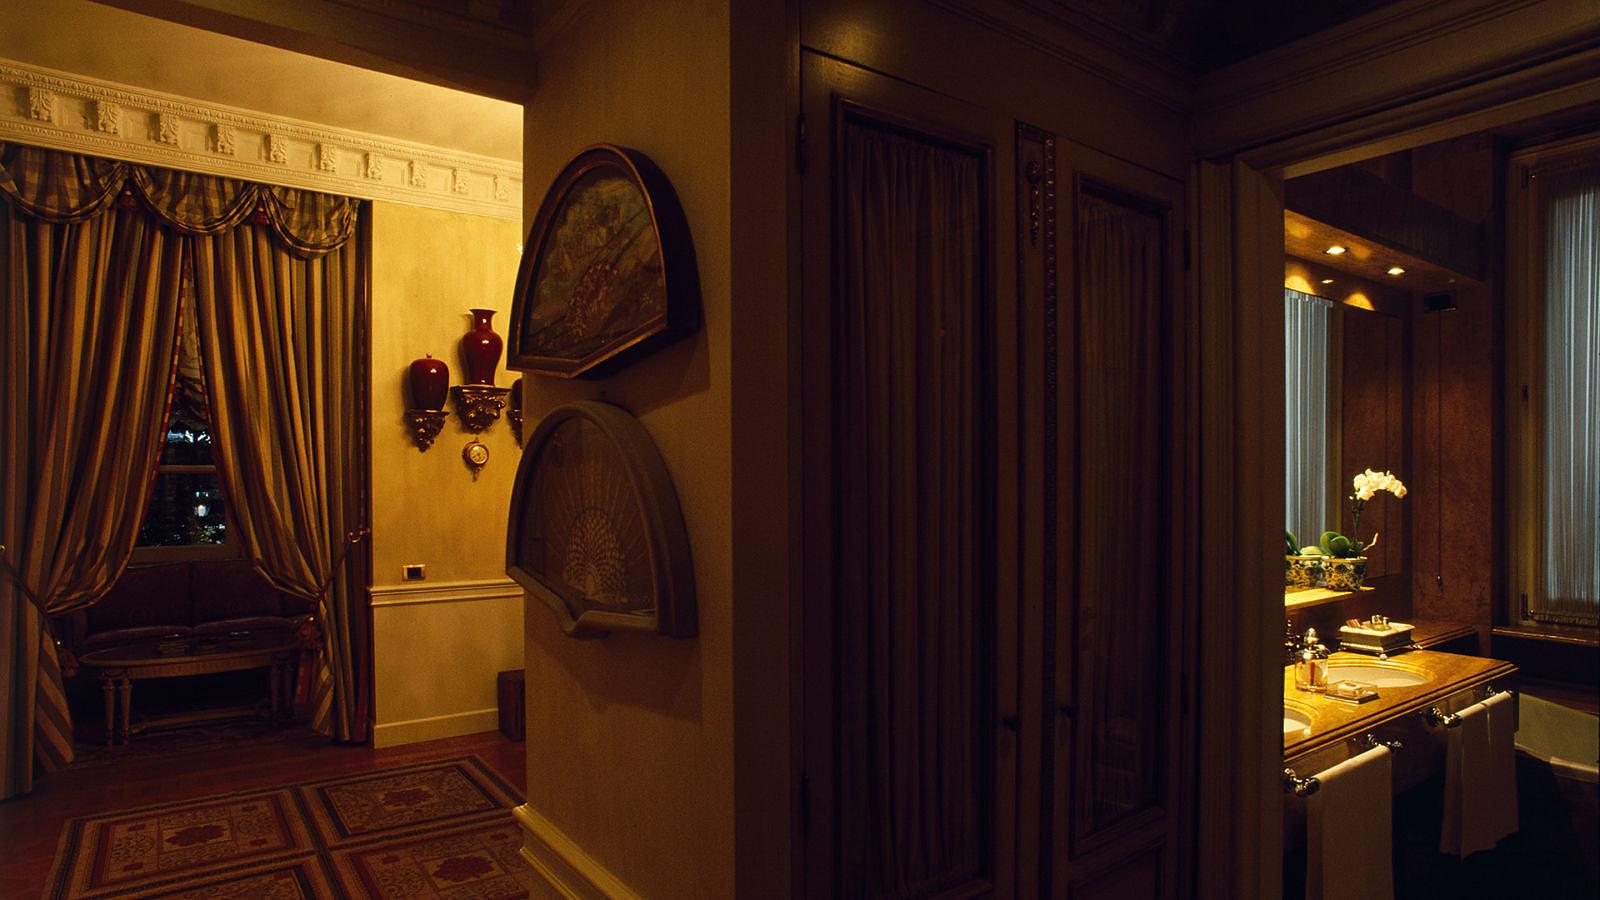 Gallery rooms hotel de la ville for Hotel de ville